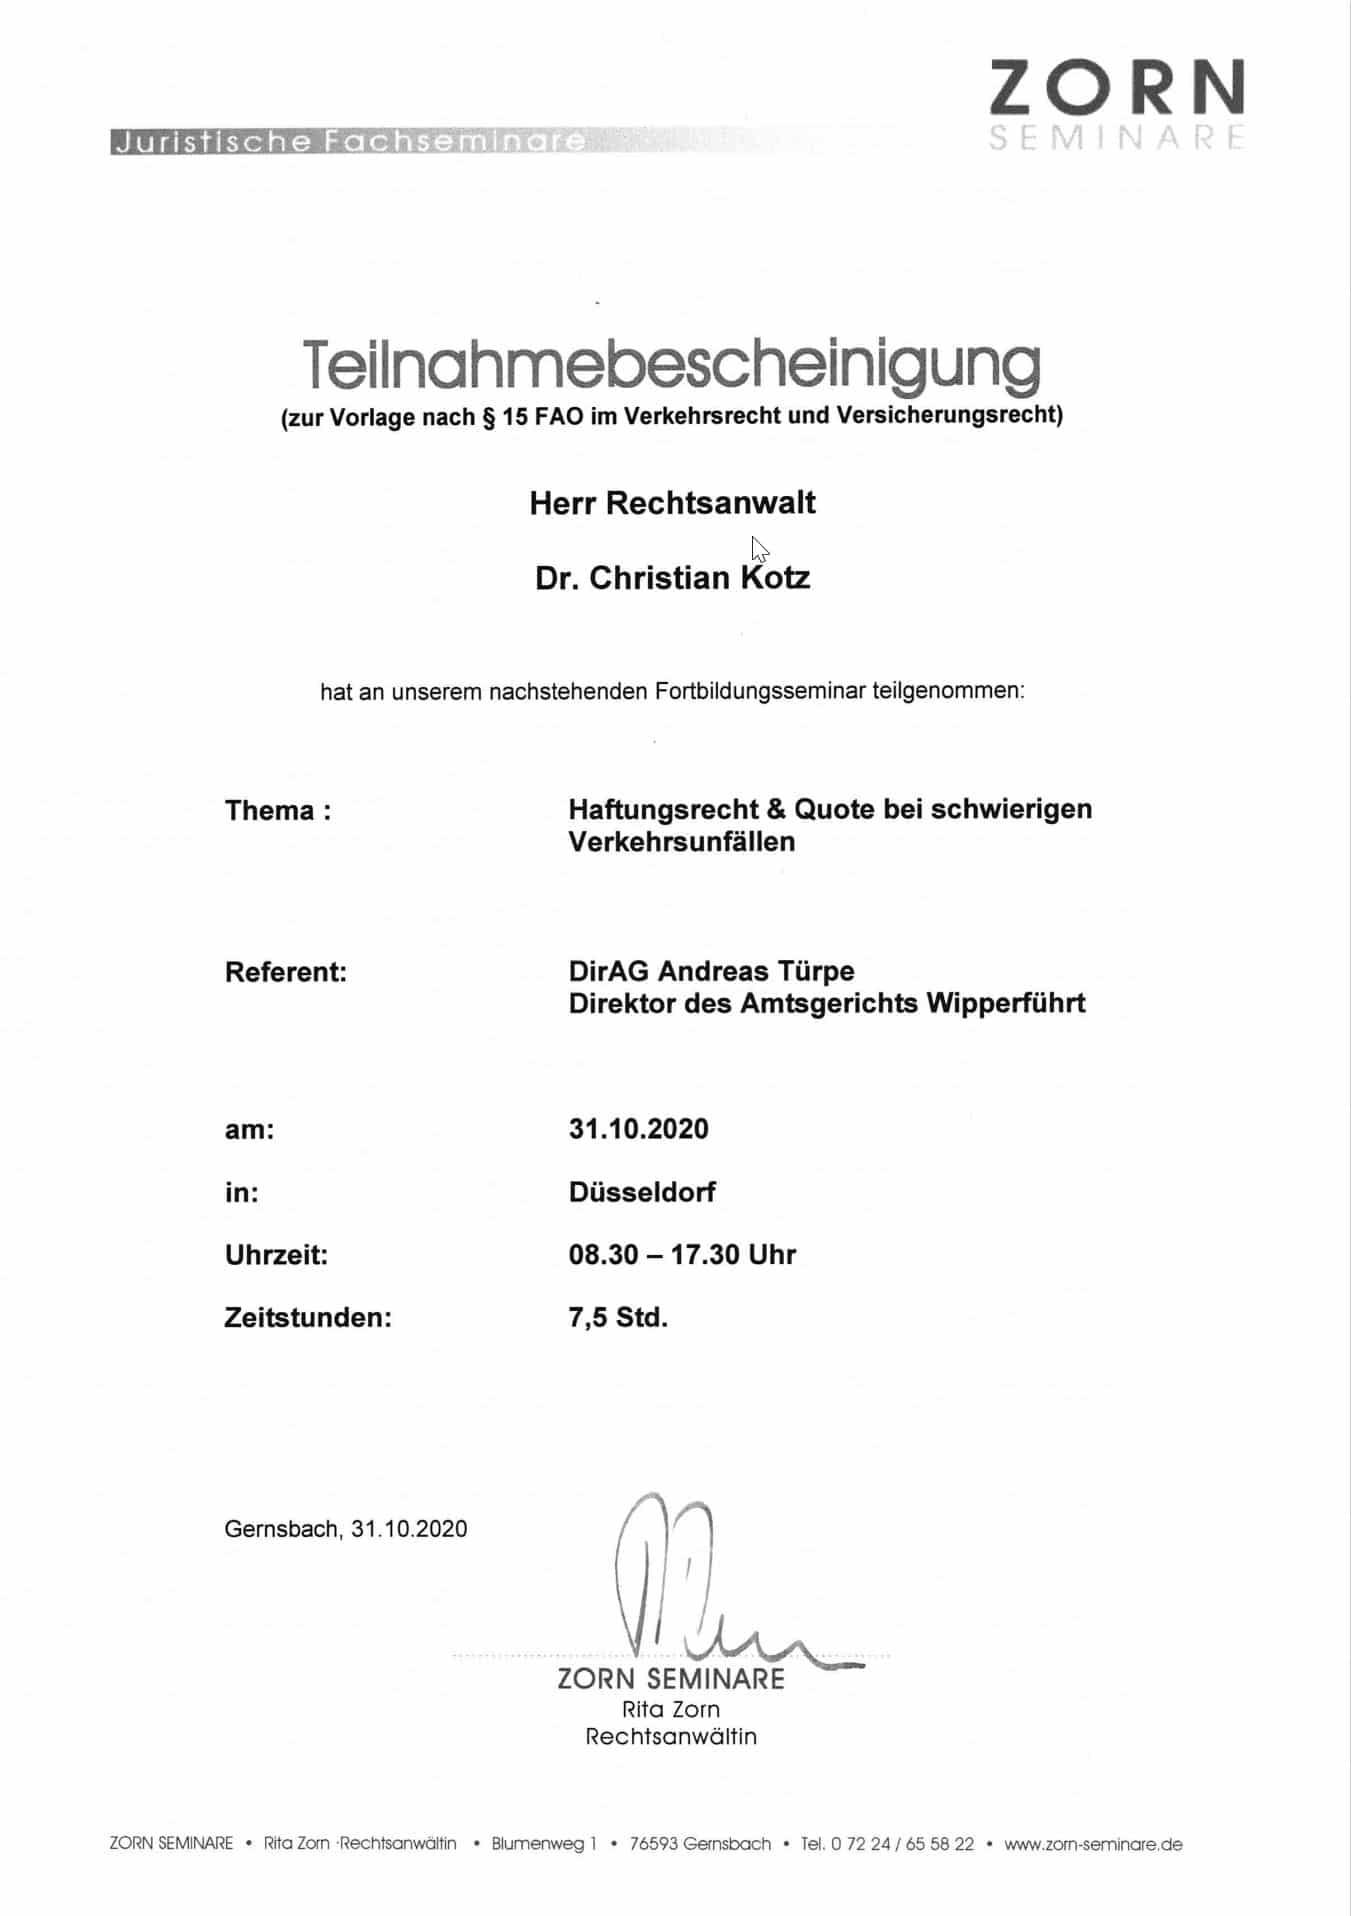 haftungsrecht-31-10-2020-dr-kotz